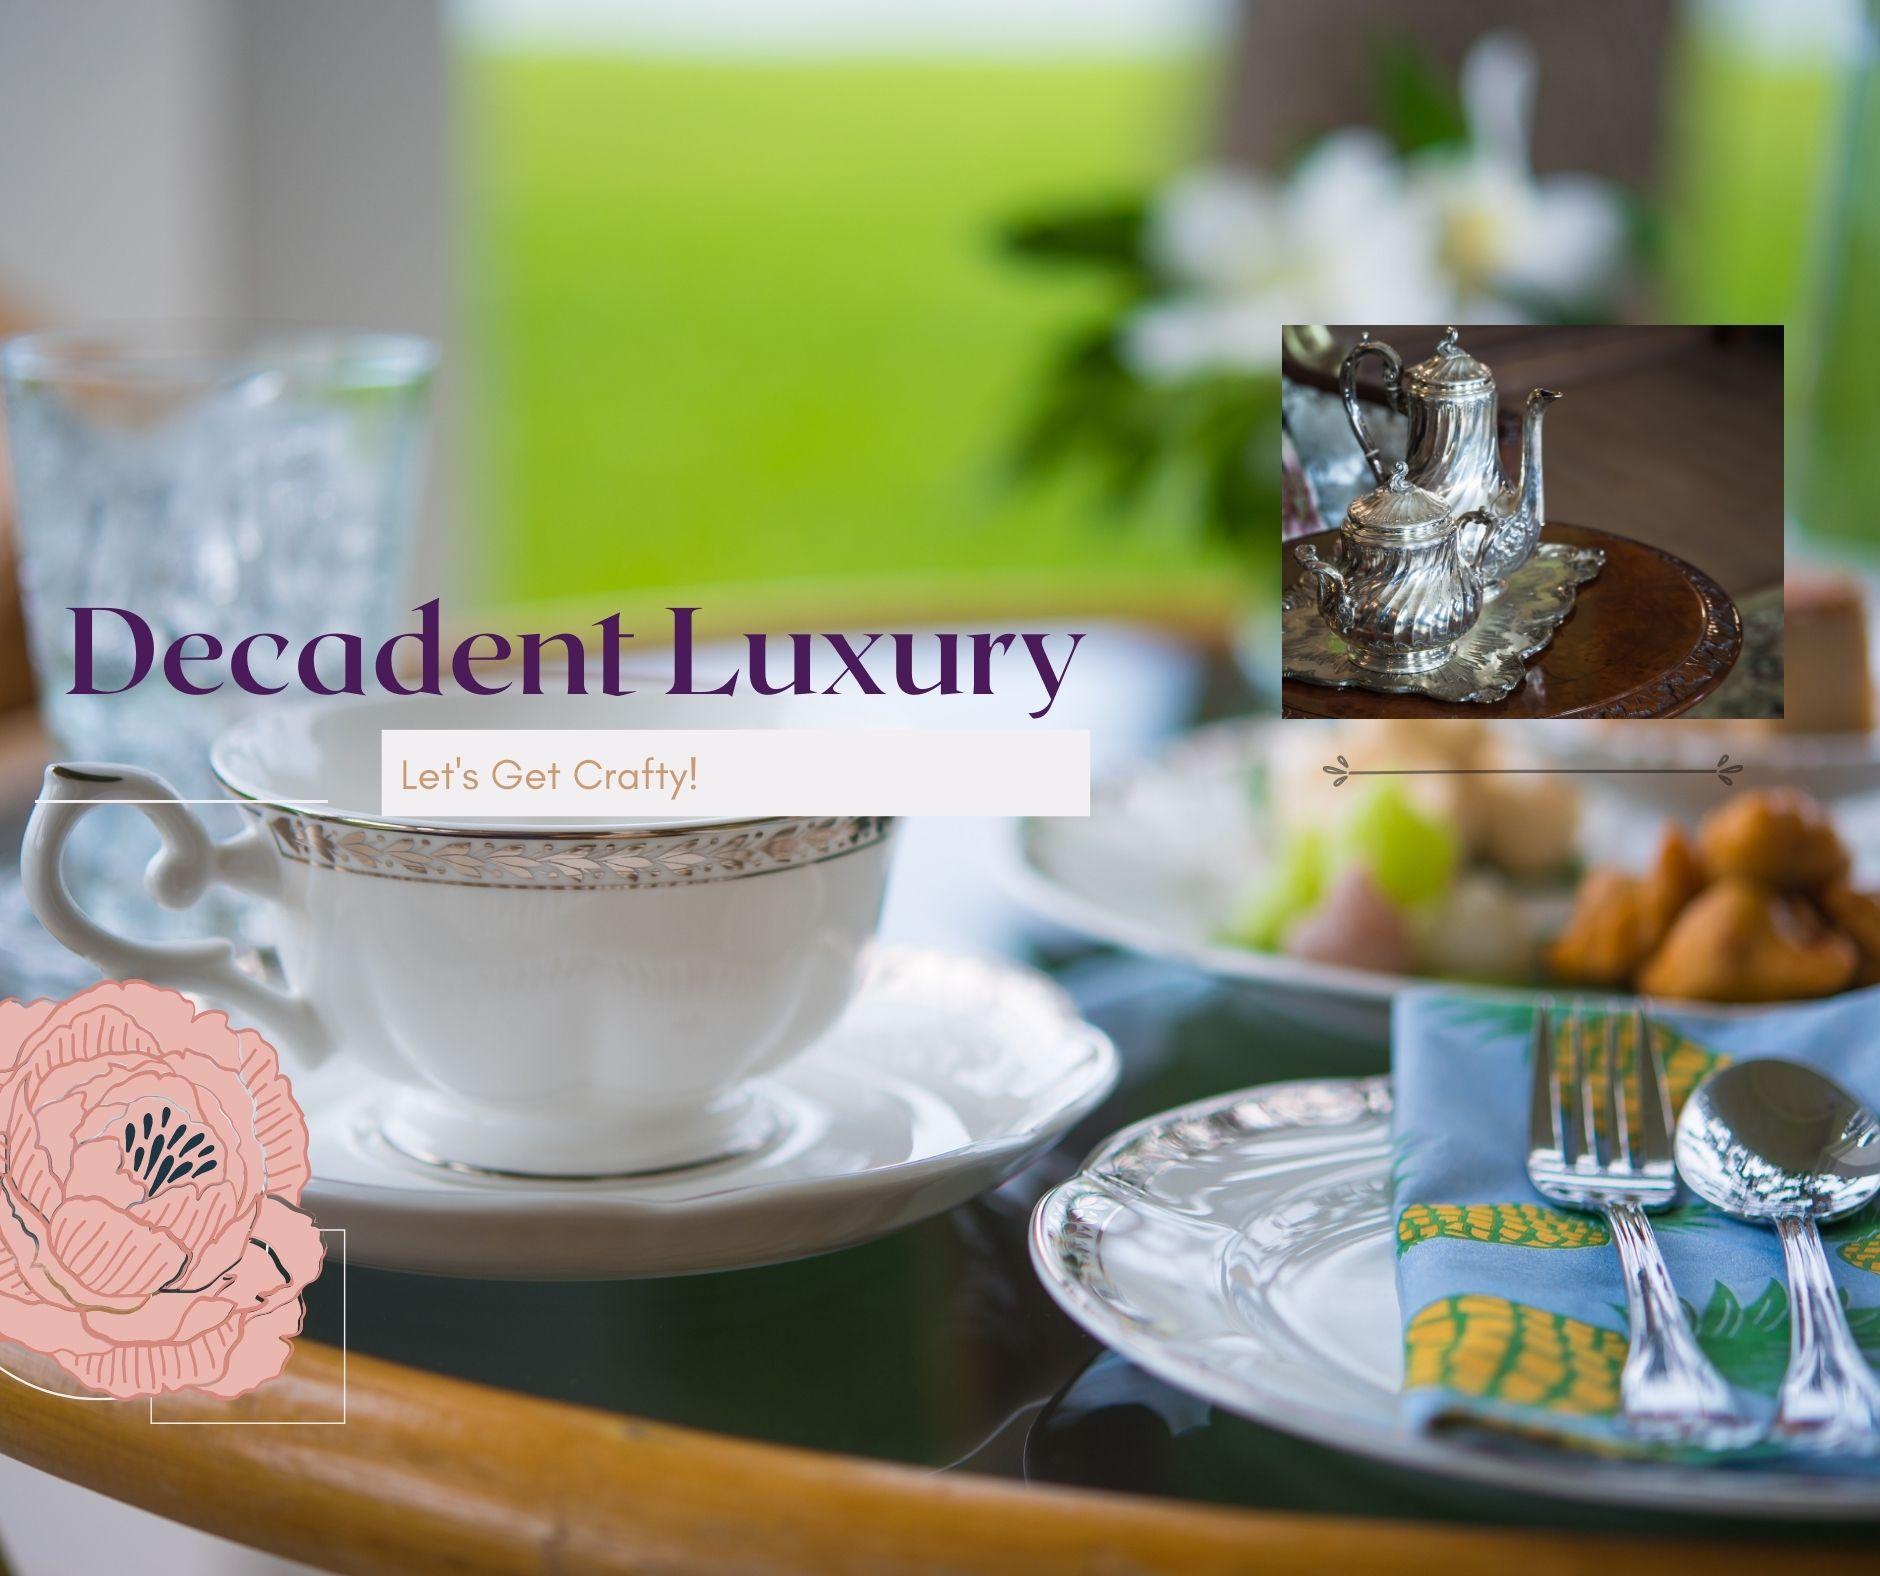 Decadent Luxury Studio